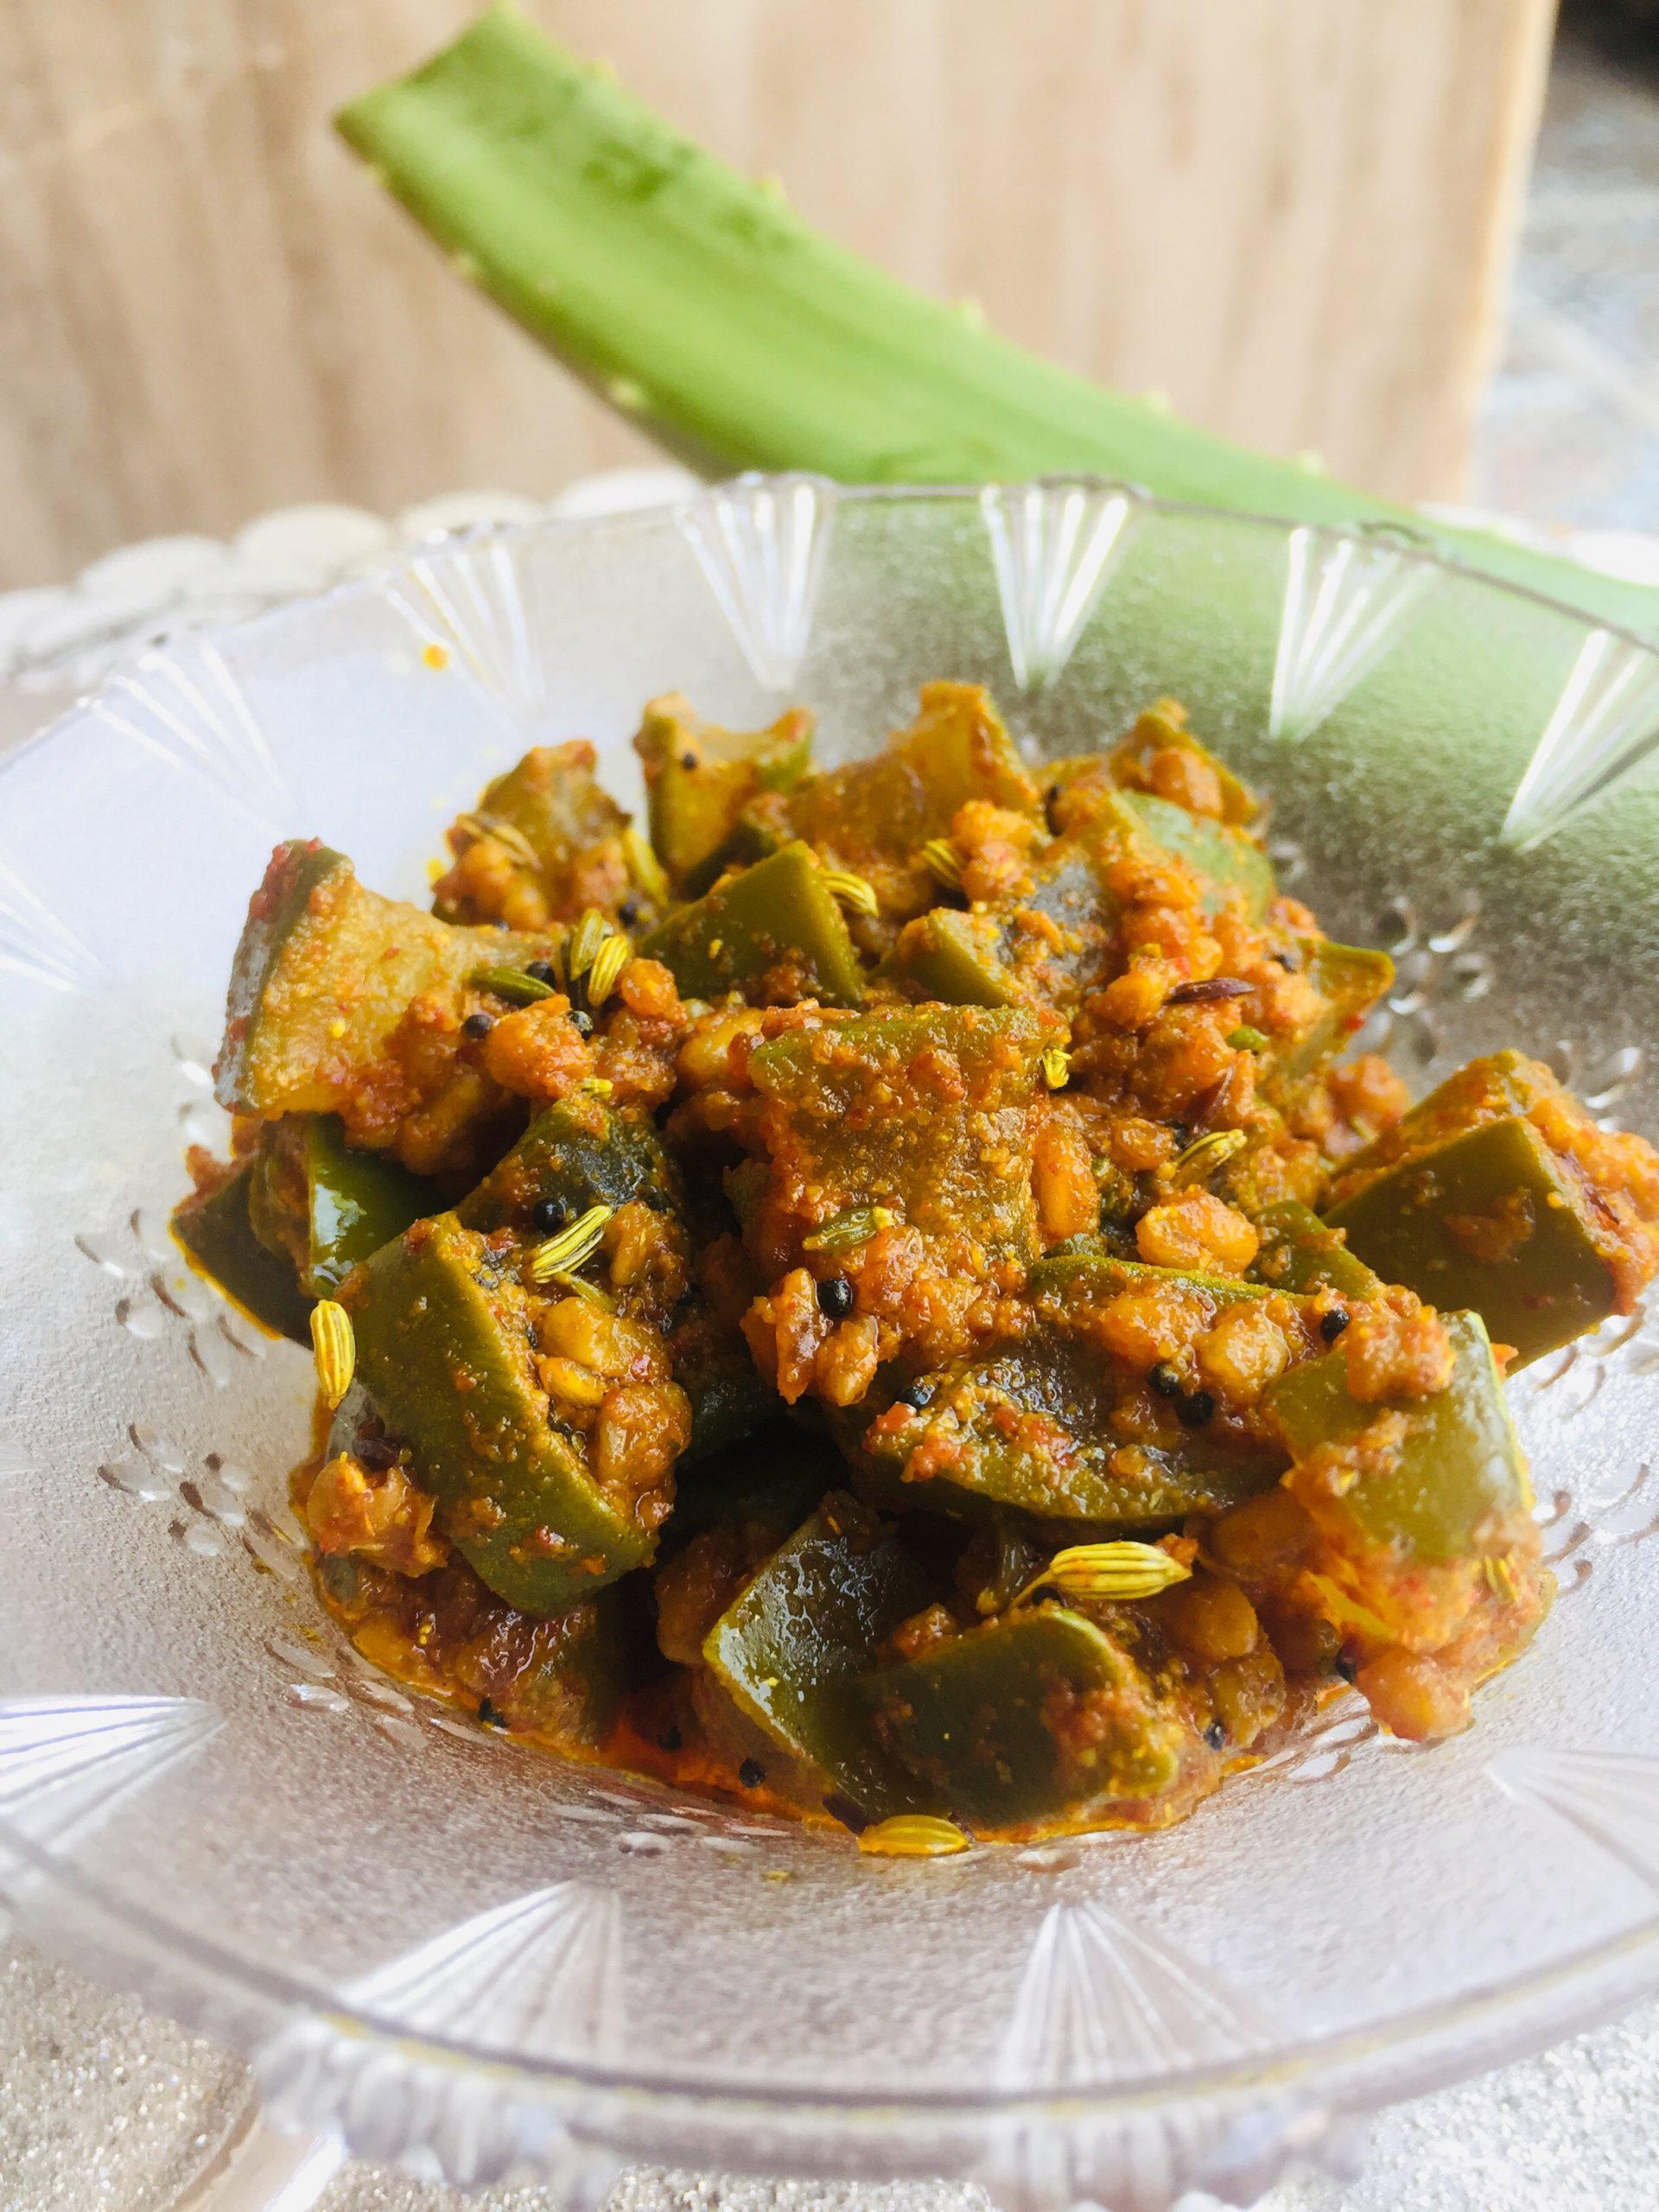 Healthy aloe vera sabzi – Gwarpatha ki achari sabzi recipe